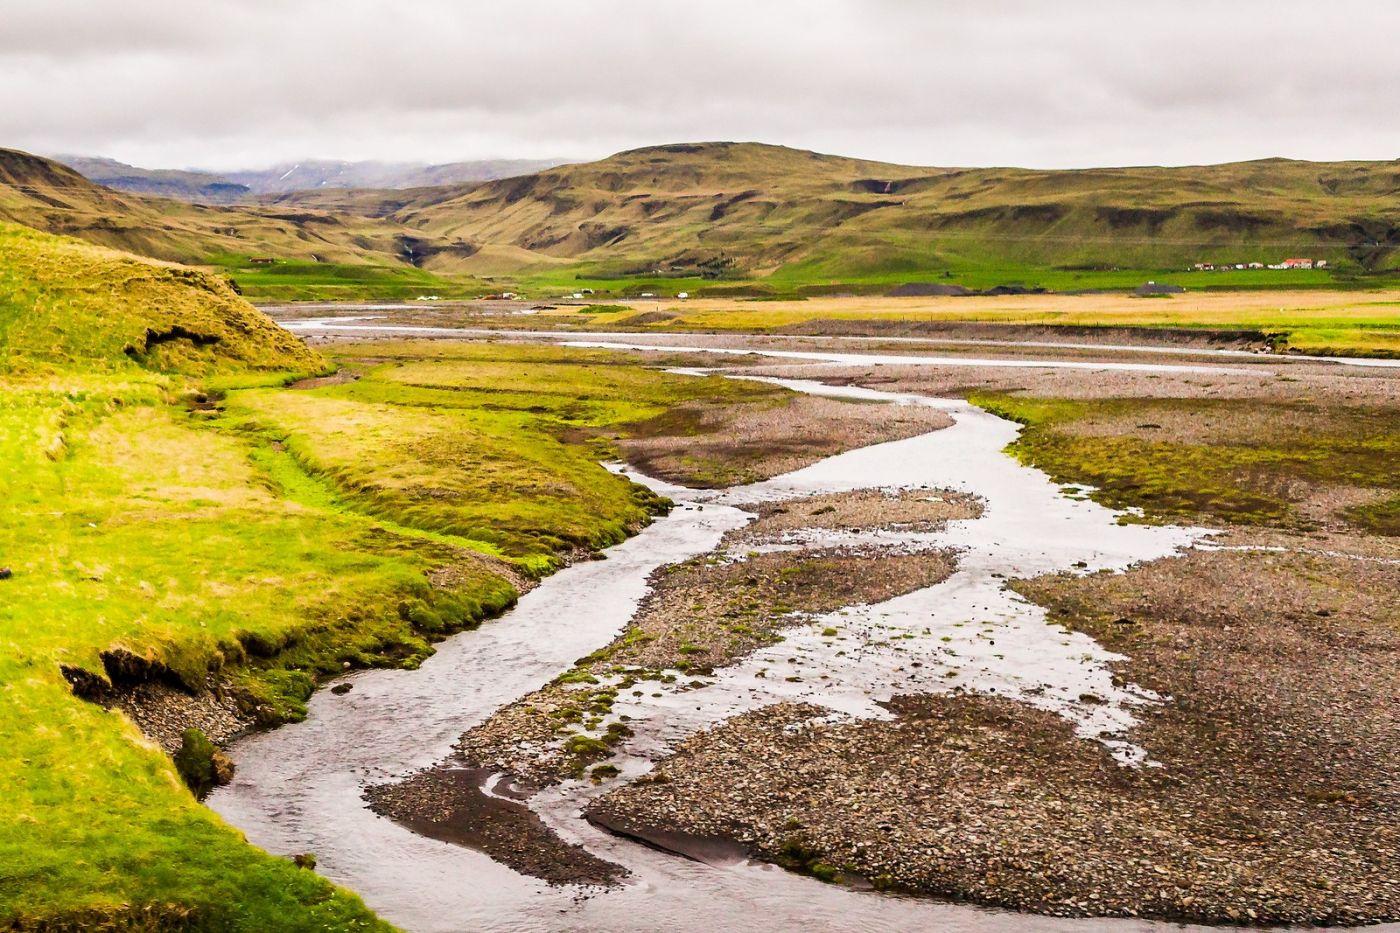 冰岛风采,那一片水景_图1-32